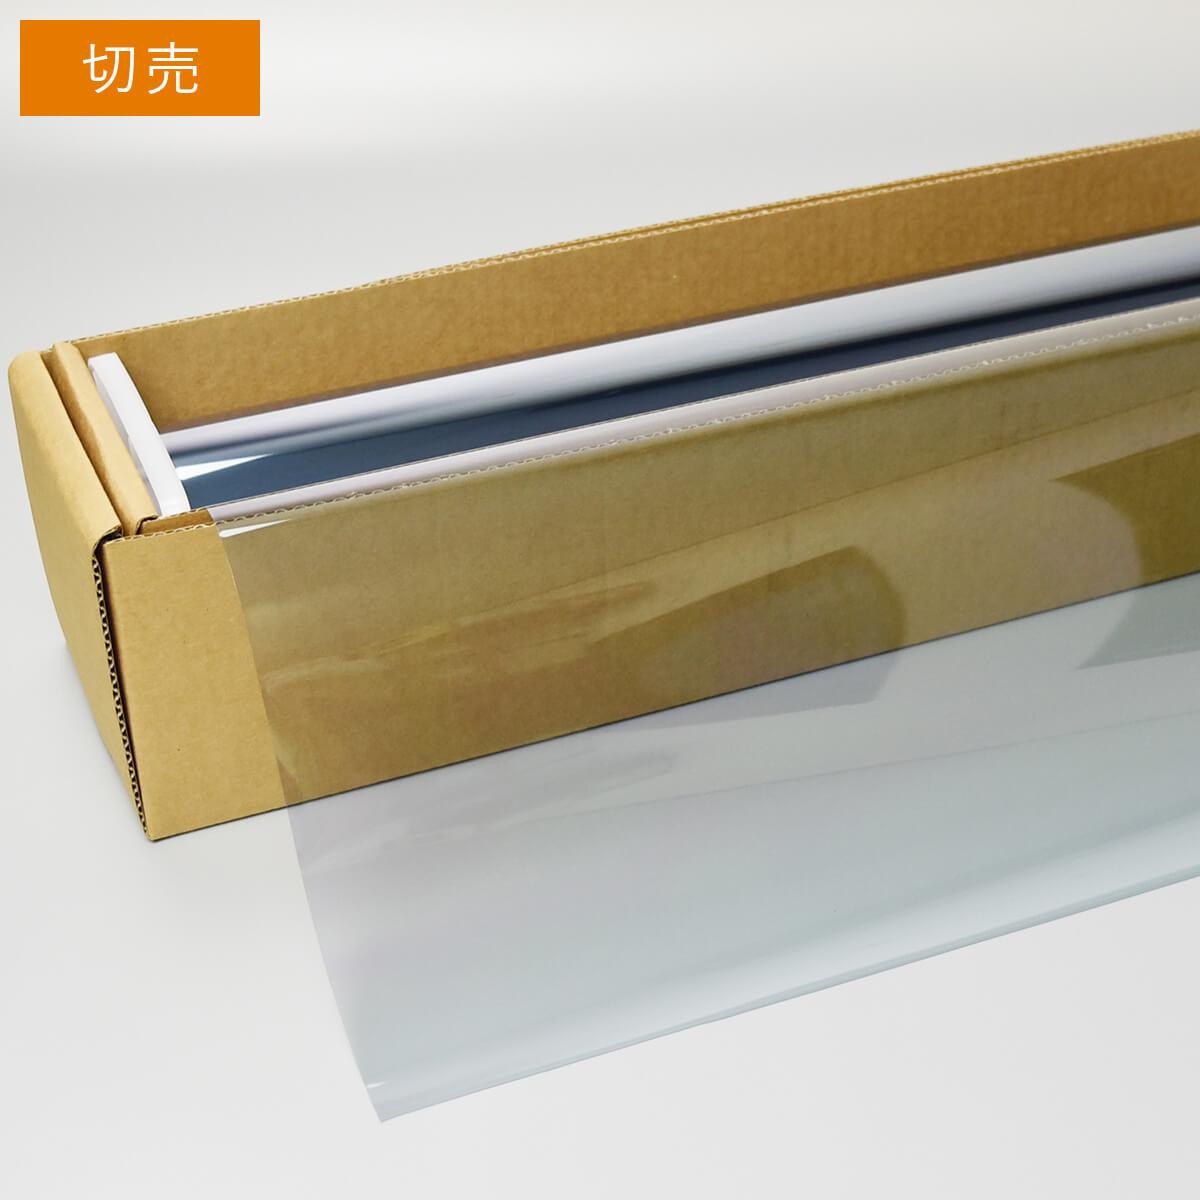 条件付き送料無料 カーフィルム WraithBlue(レイスブルー) オーロラ70  50cm幅 x 1m単位切売 多層マルチレイヤー オーロラフィルム70 飛散防止フィルム 遮熱フィルム 断熱フィルム UVカットフィルム 赤外線遮蔽 Braintec